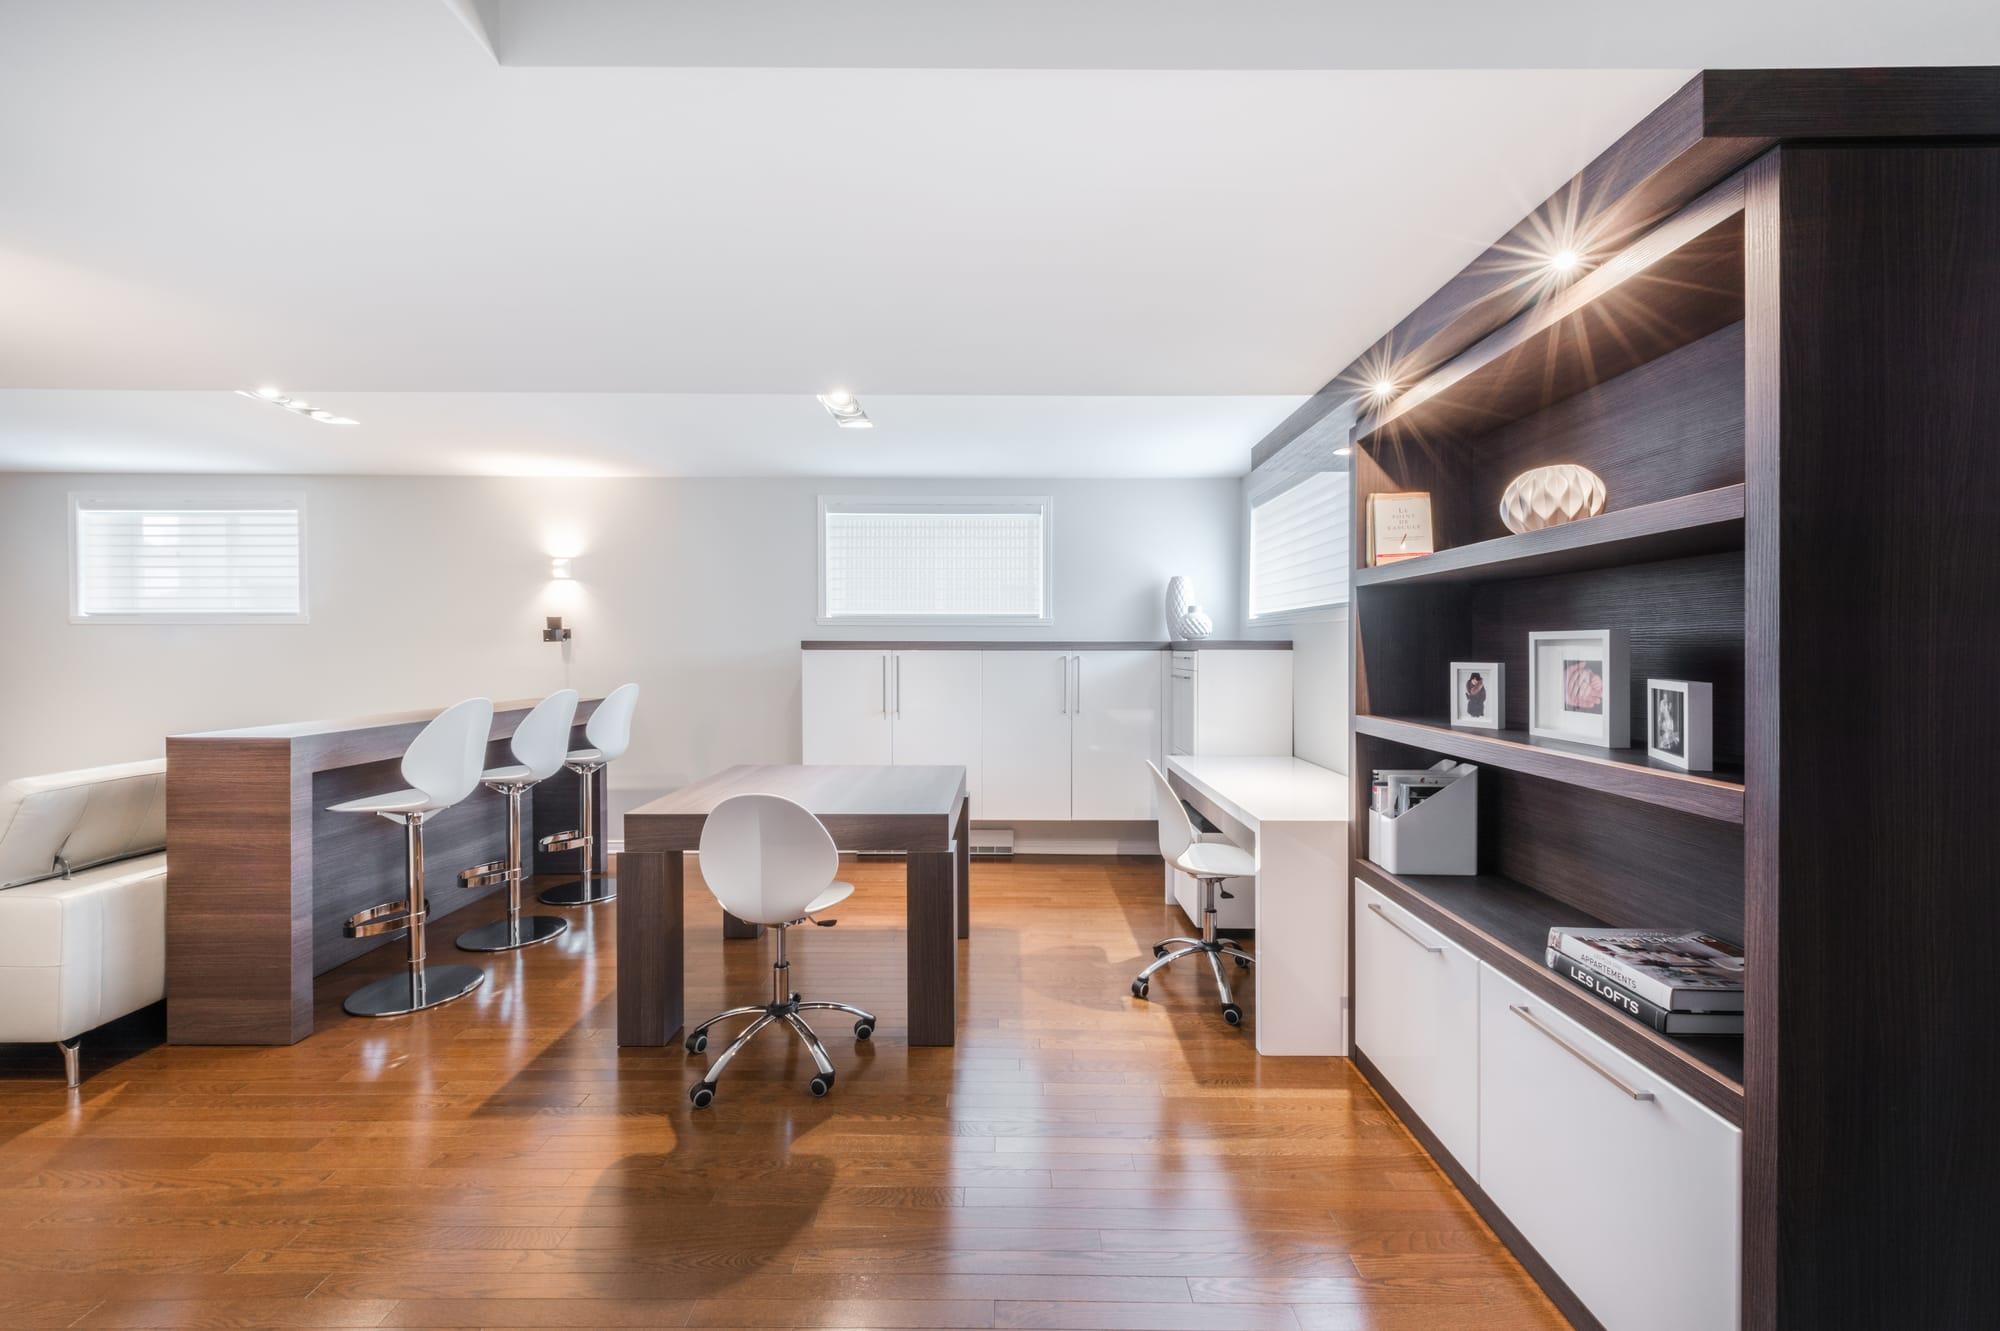 meubles sur mesure avec espace bureau et bibliothèque dans un sous-sol rénové